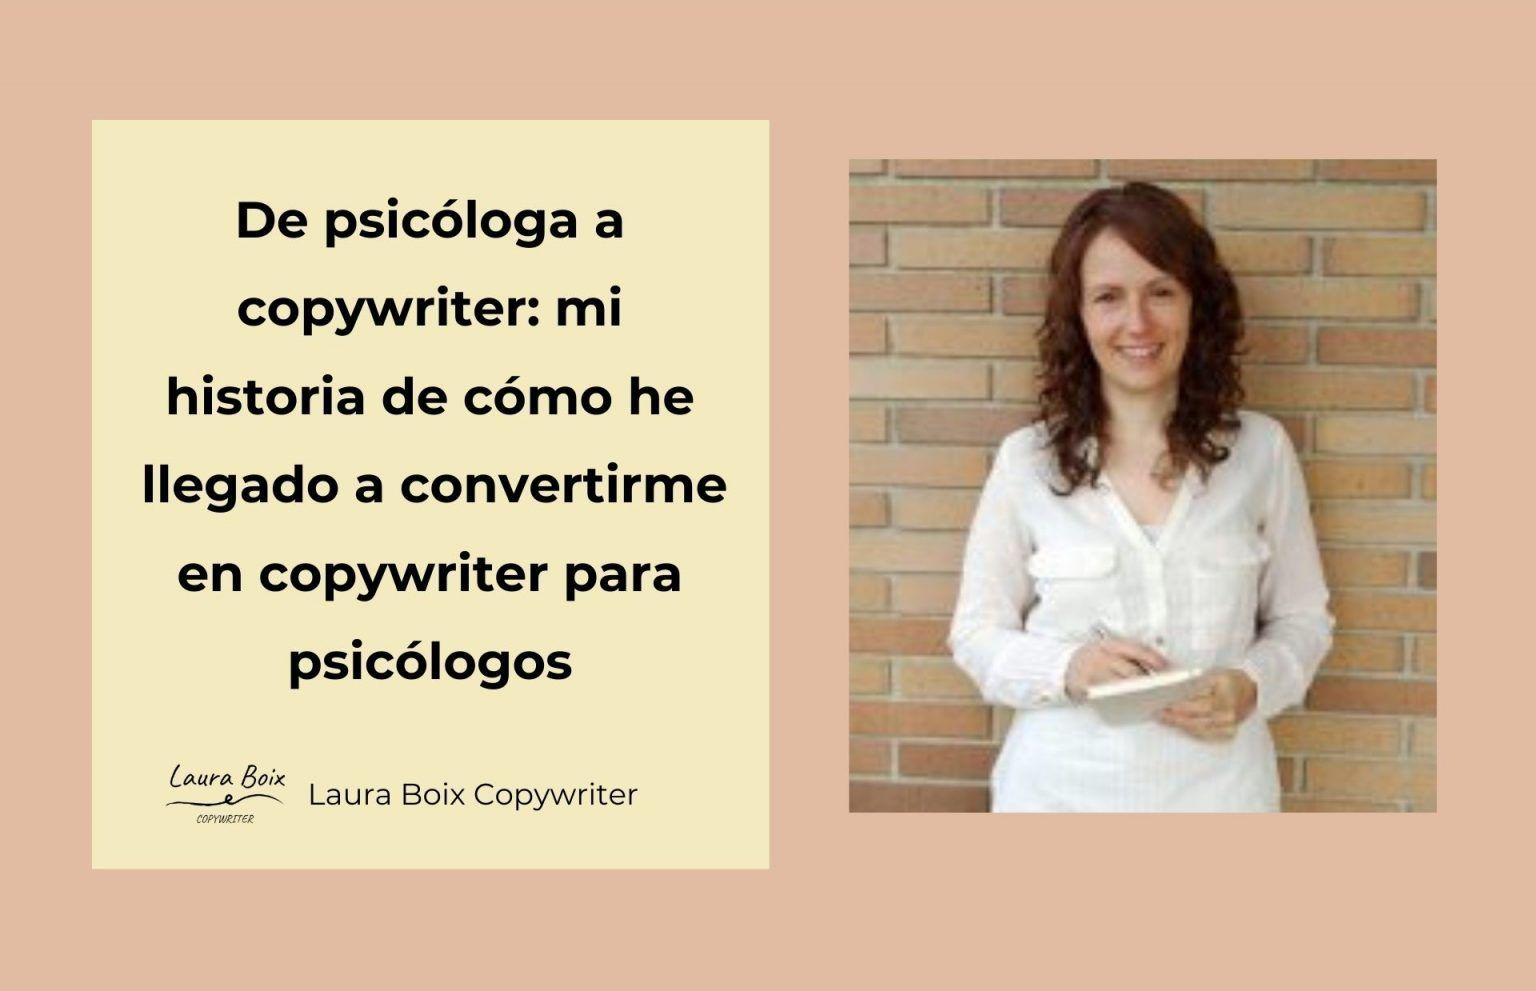 psicóloga-copywriter-para-psicologos-mi-historia